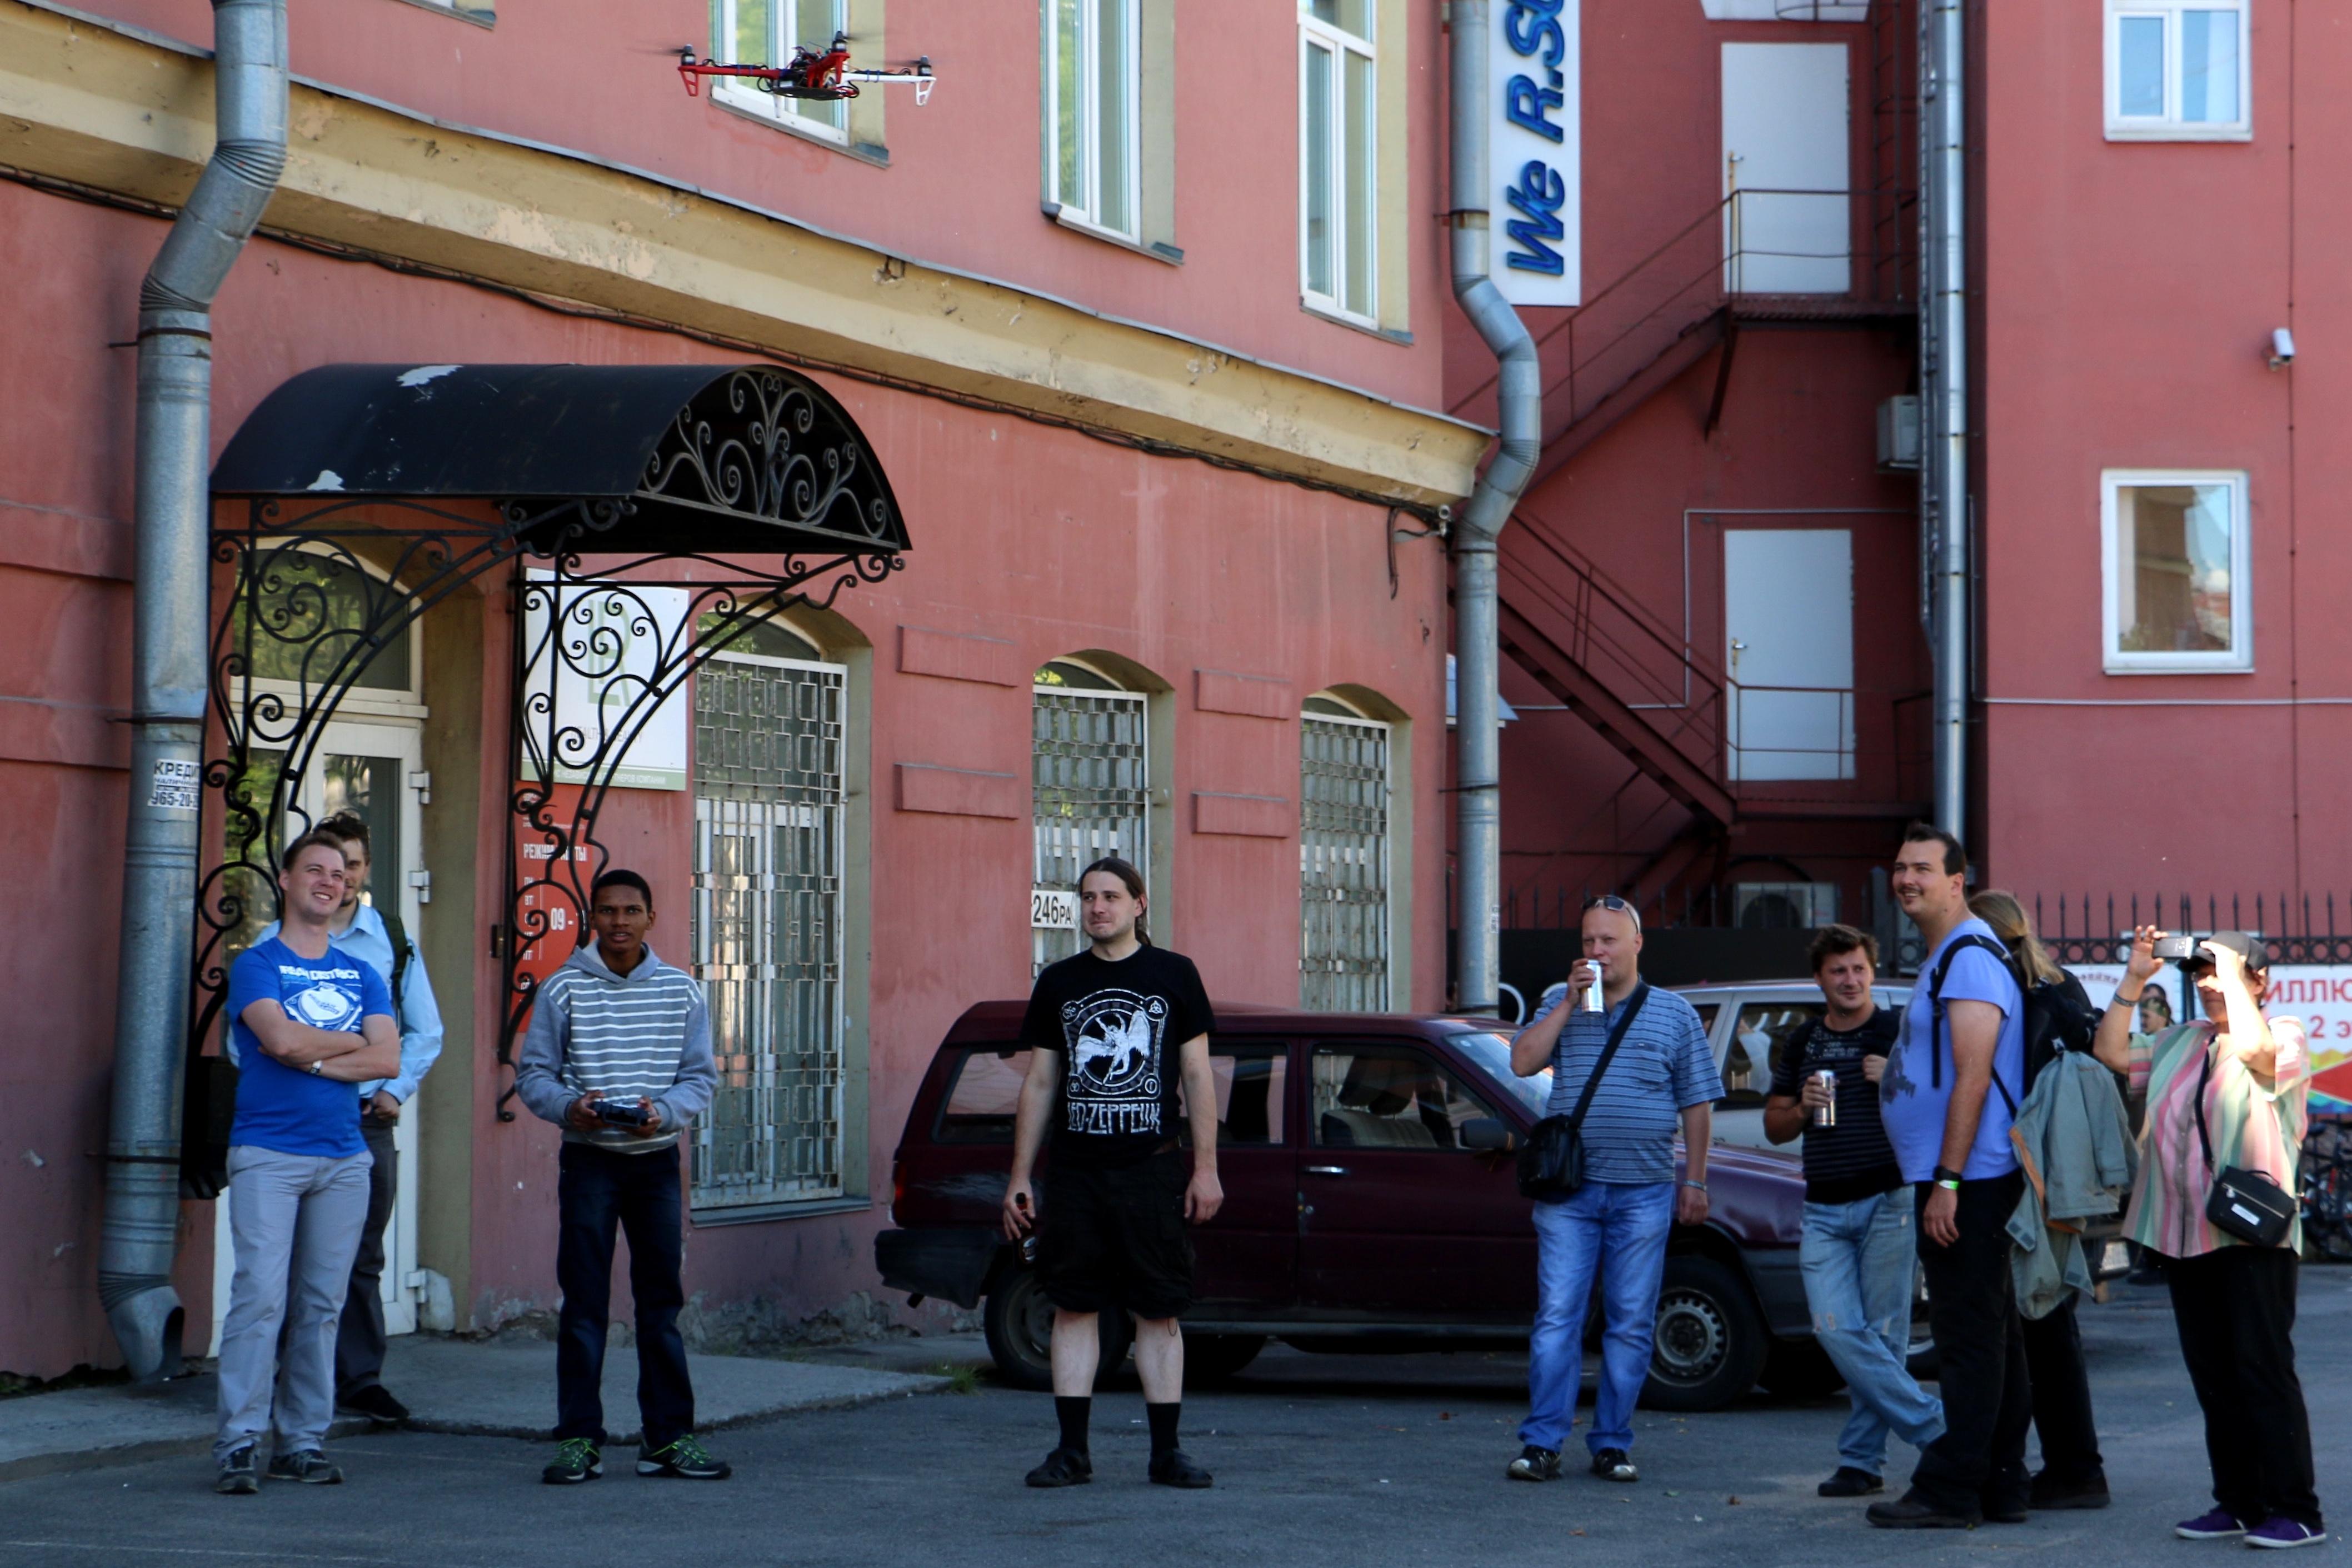 Любители пива развлекались на улице. Весело было и тут: вот, к примеру, квадрокоптер прилетел